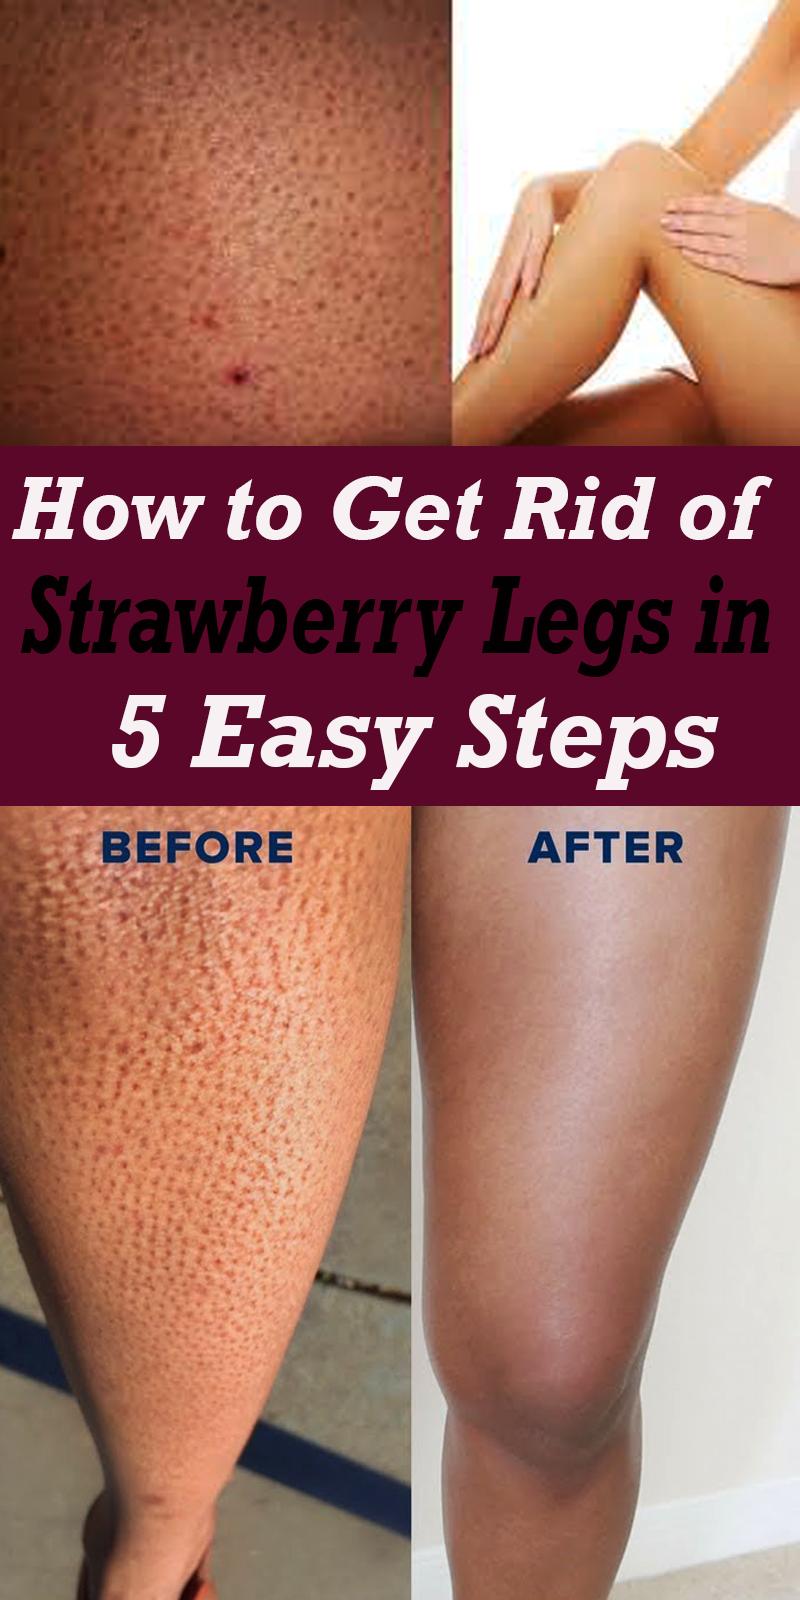 6d8f584db5cf08733cbdf252f3a2b1e3 - How To Get Rid Of Strawberry Spots On Legs